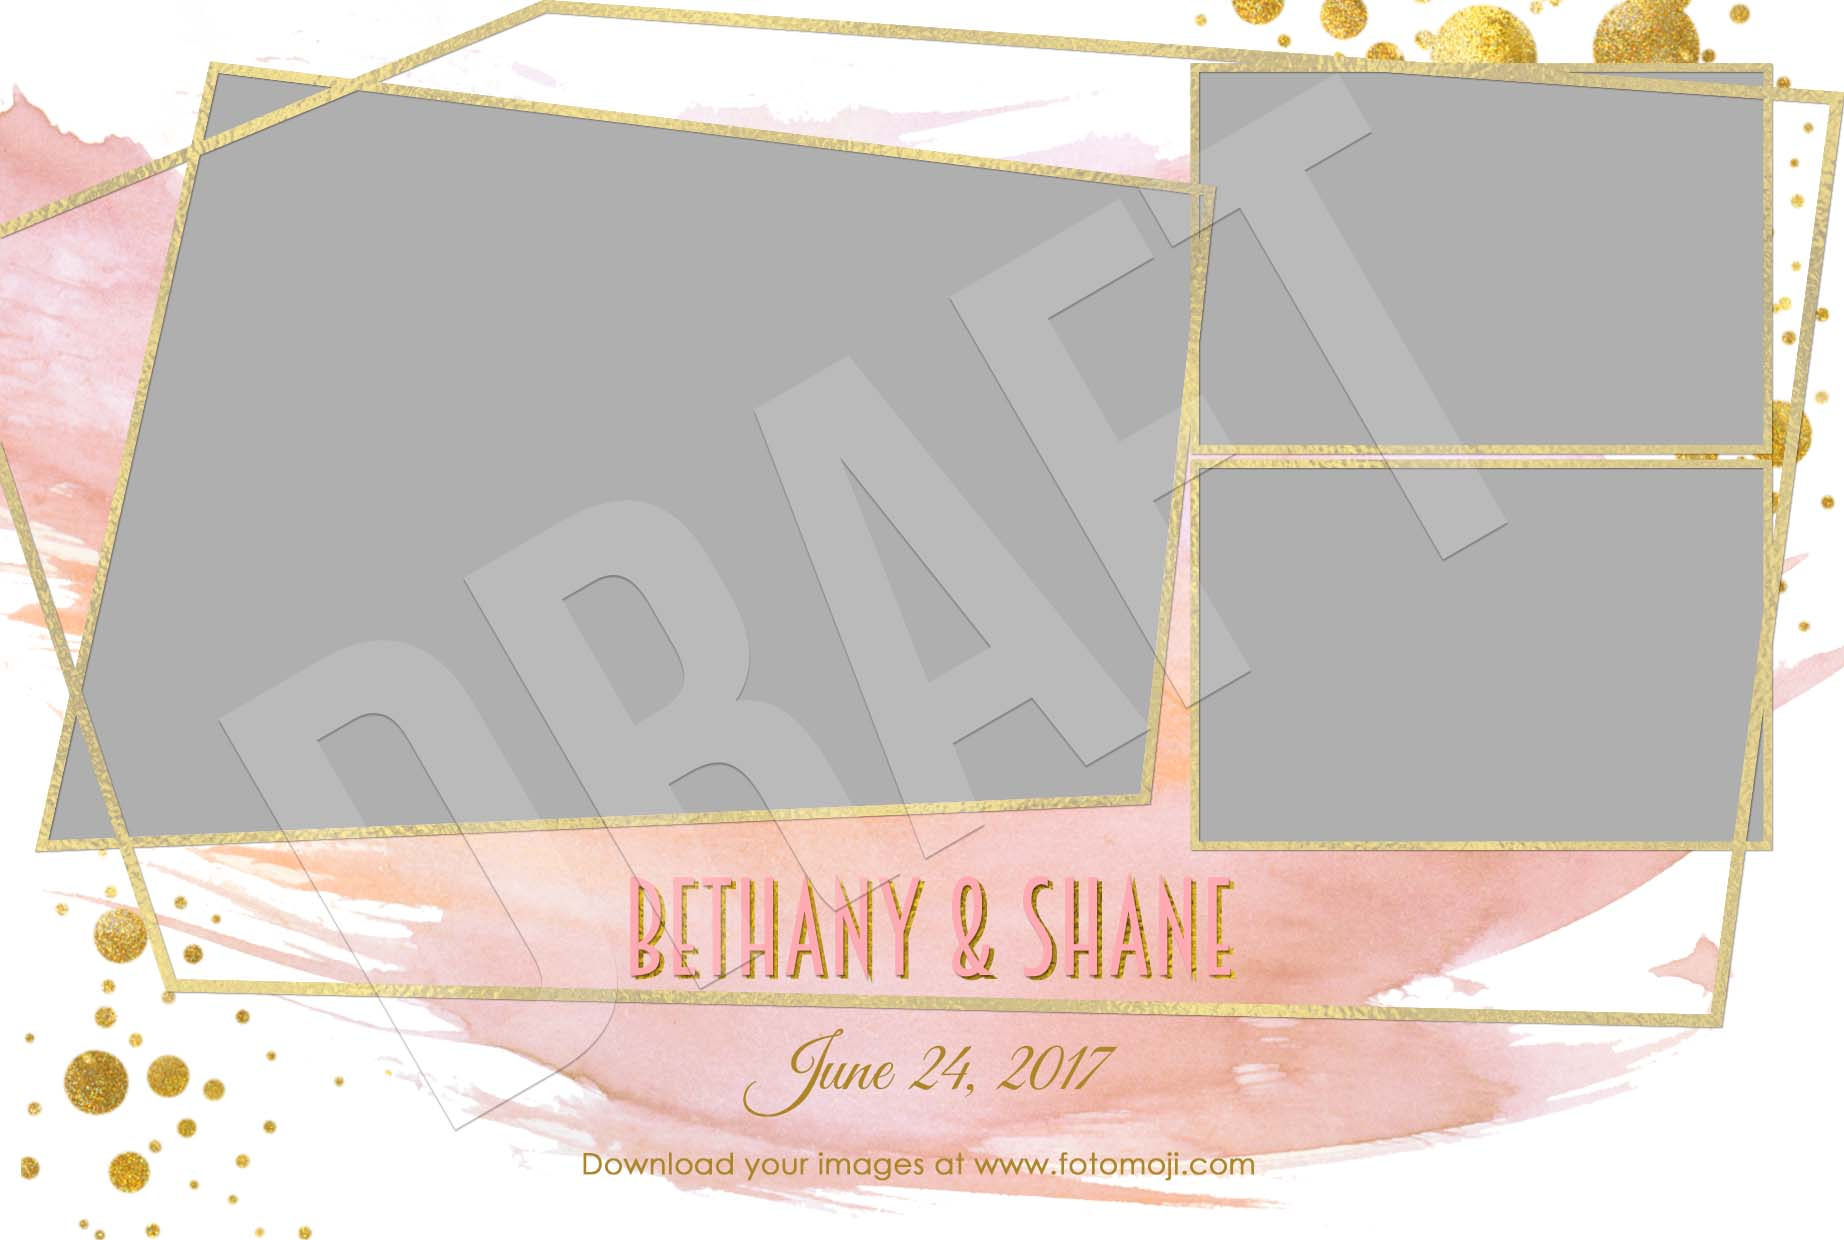 BethanyShane